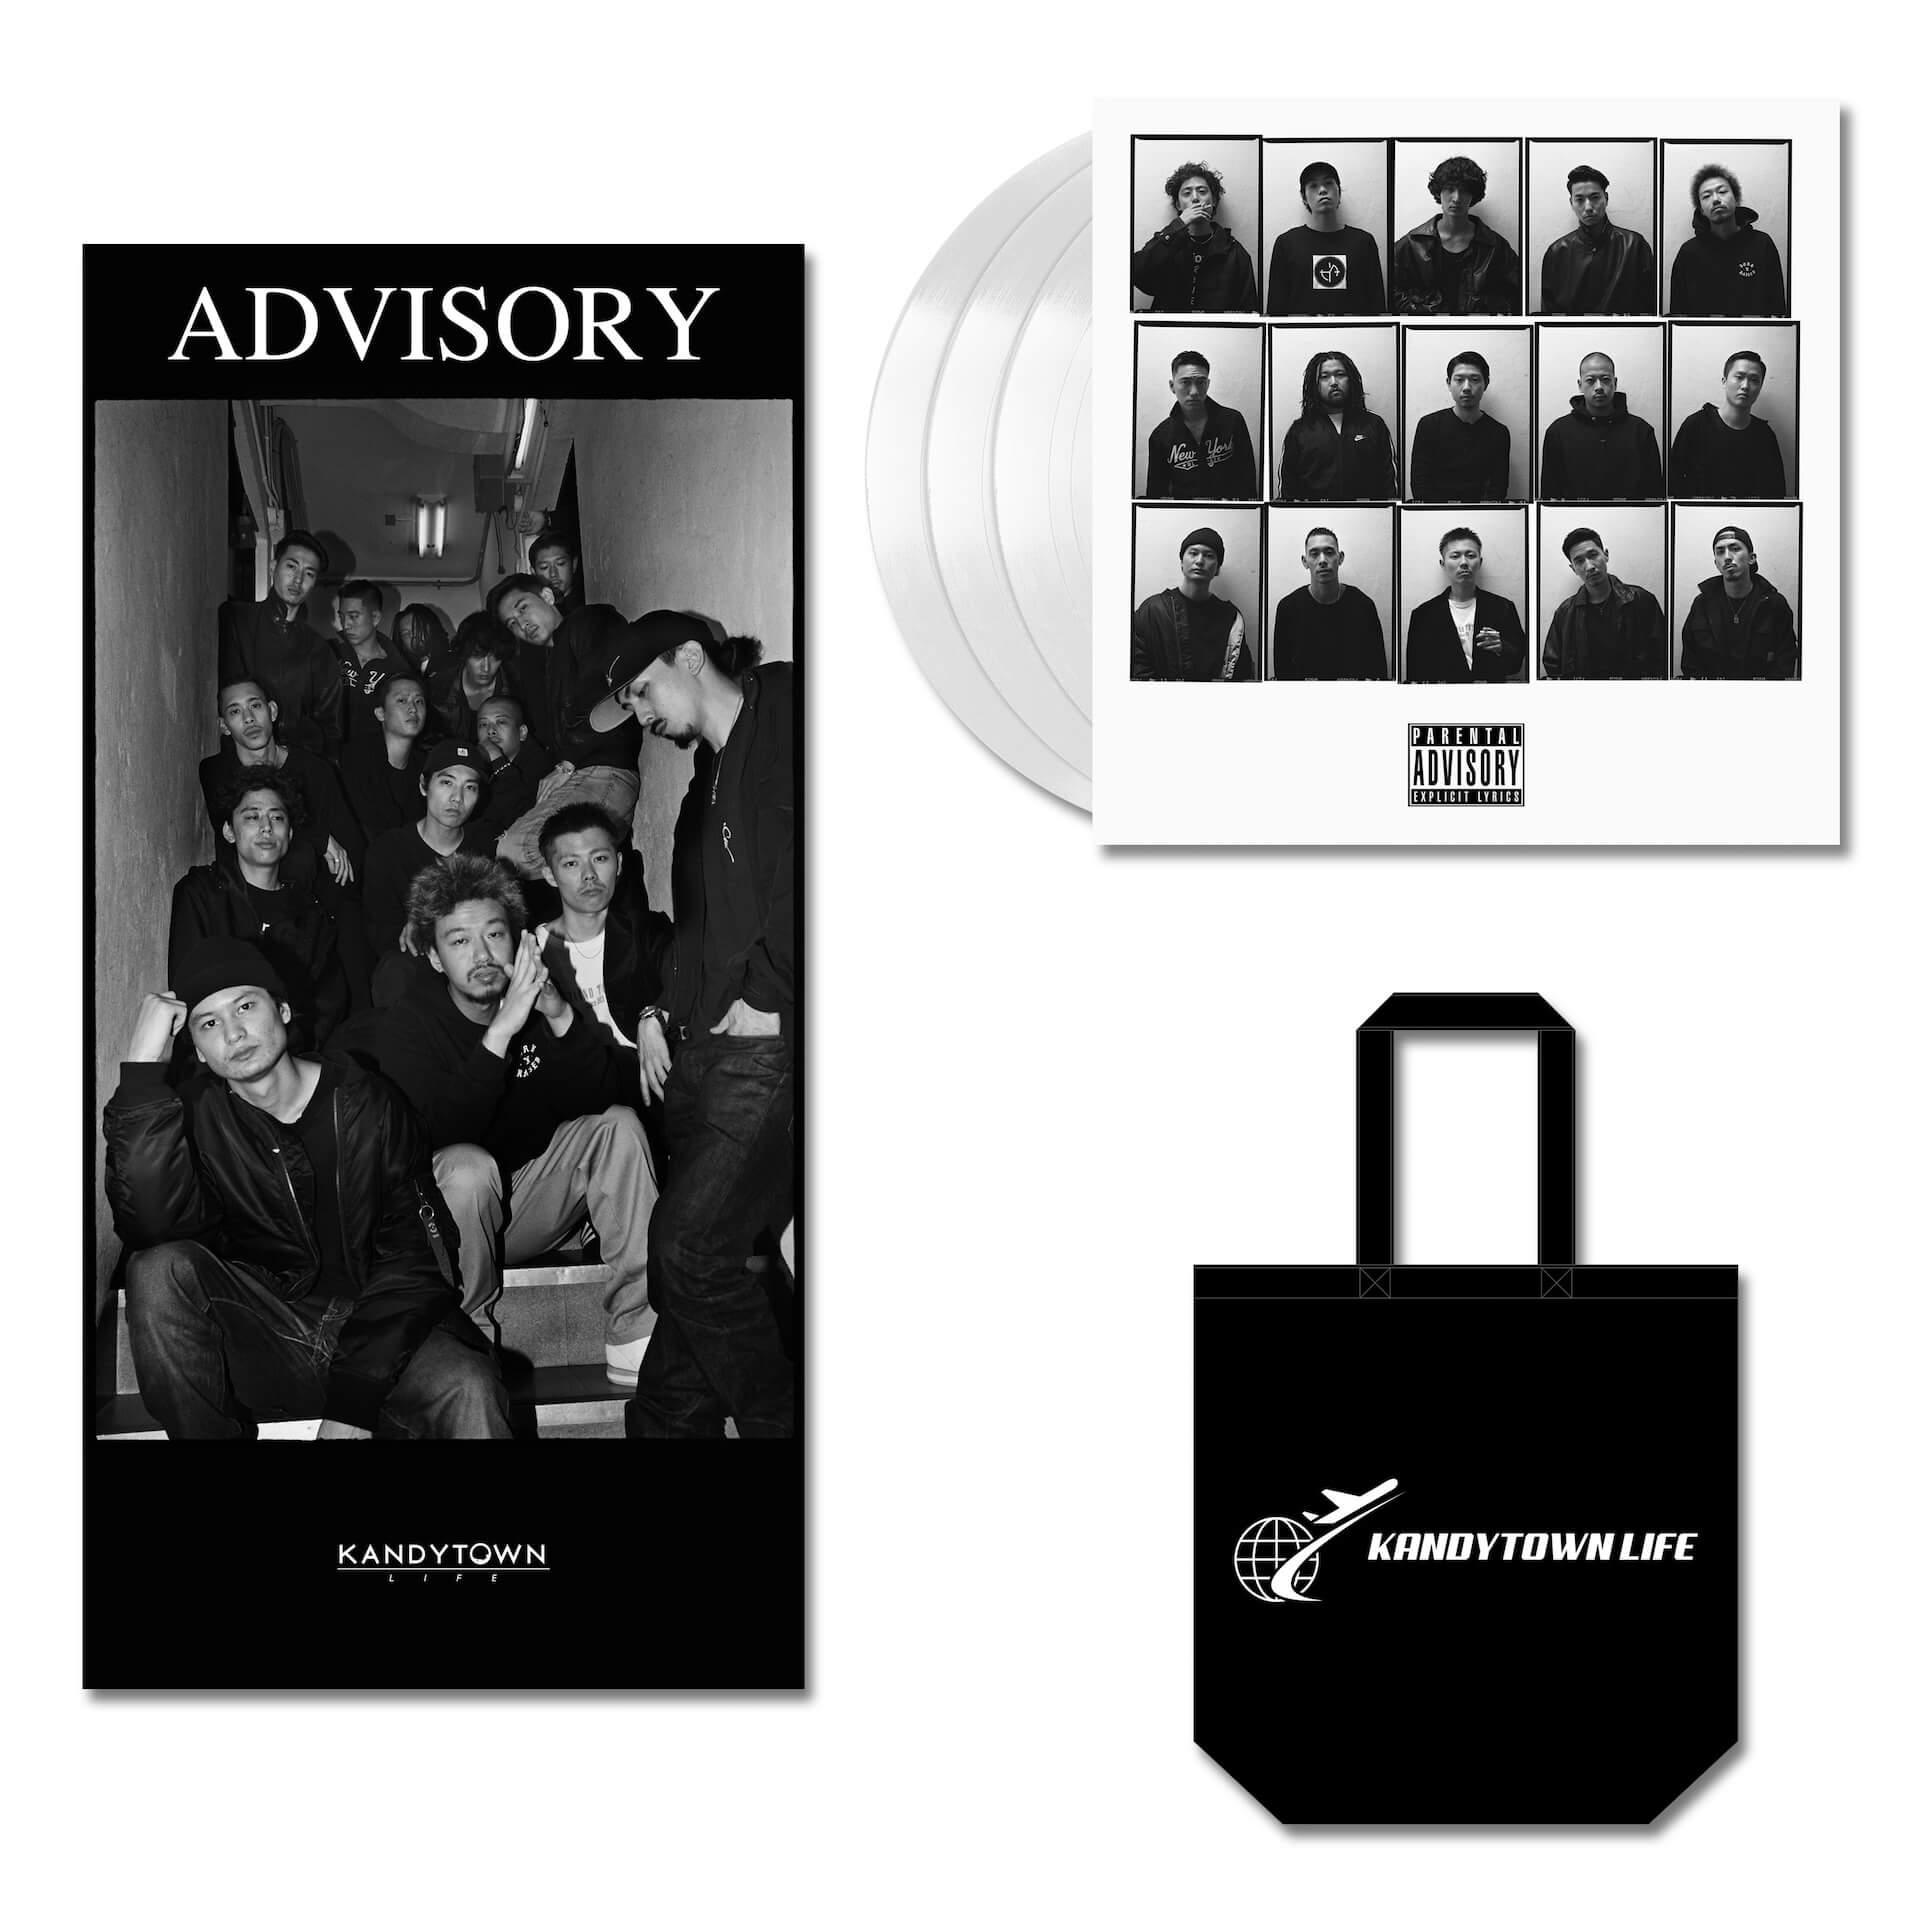 KANDYTOWNの2ndアルバム『ADVISORY』がLPで発売決定|秘蔵トラックを加えた3枚組 music200515_kandytown_2